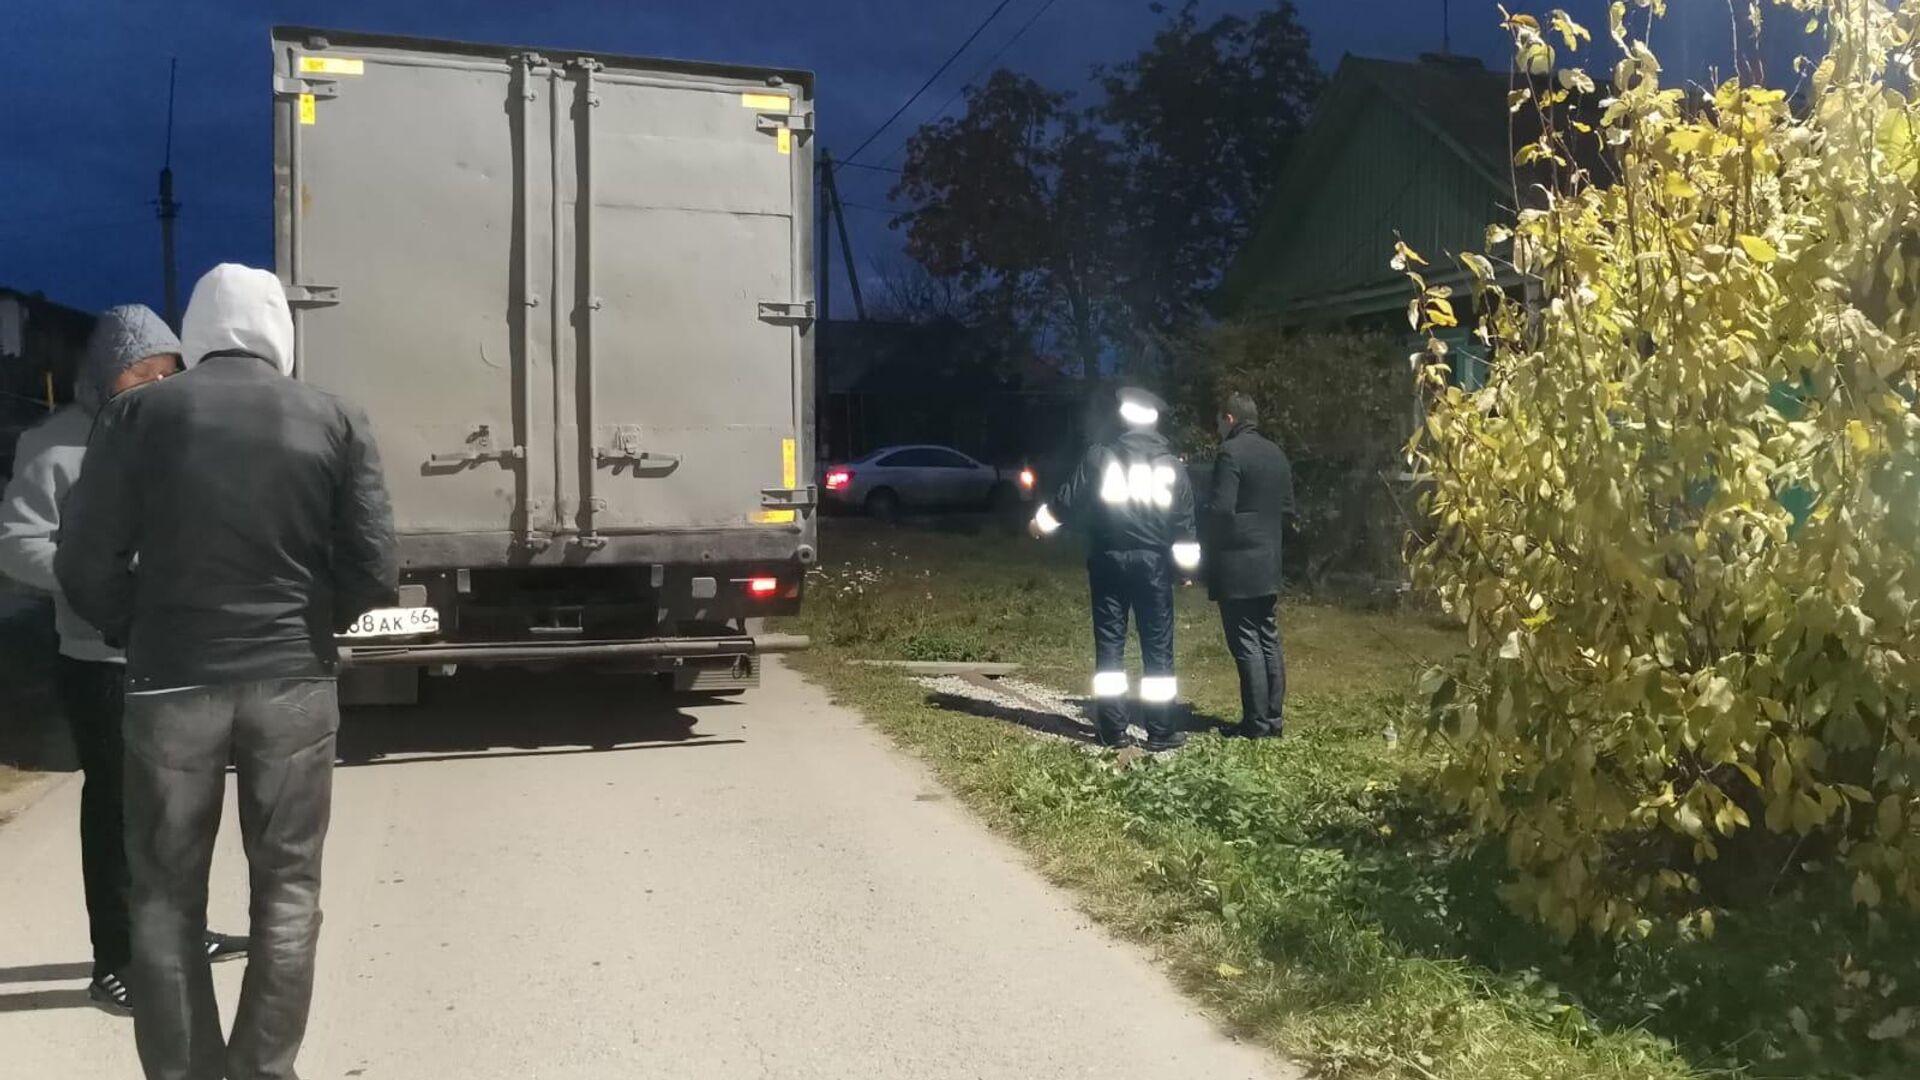 Полуторагодовалая девочка погибла в результате наезда грузовика в свердловском поселке Кедровка - РИА Новости, 1920, 29.09.2021